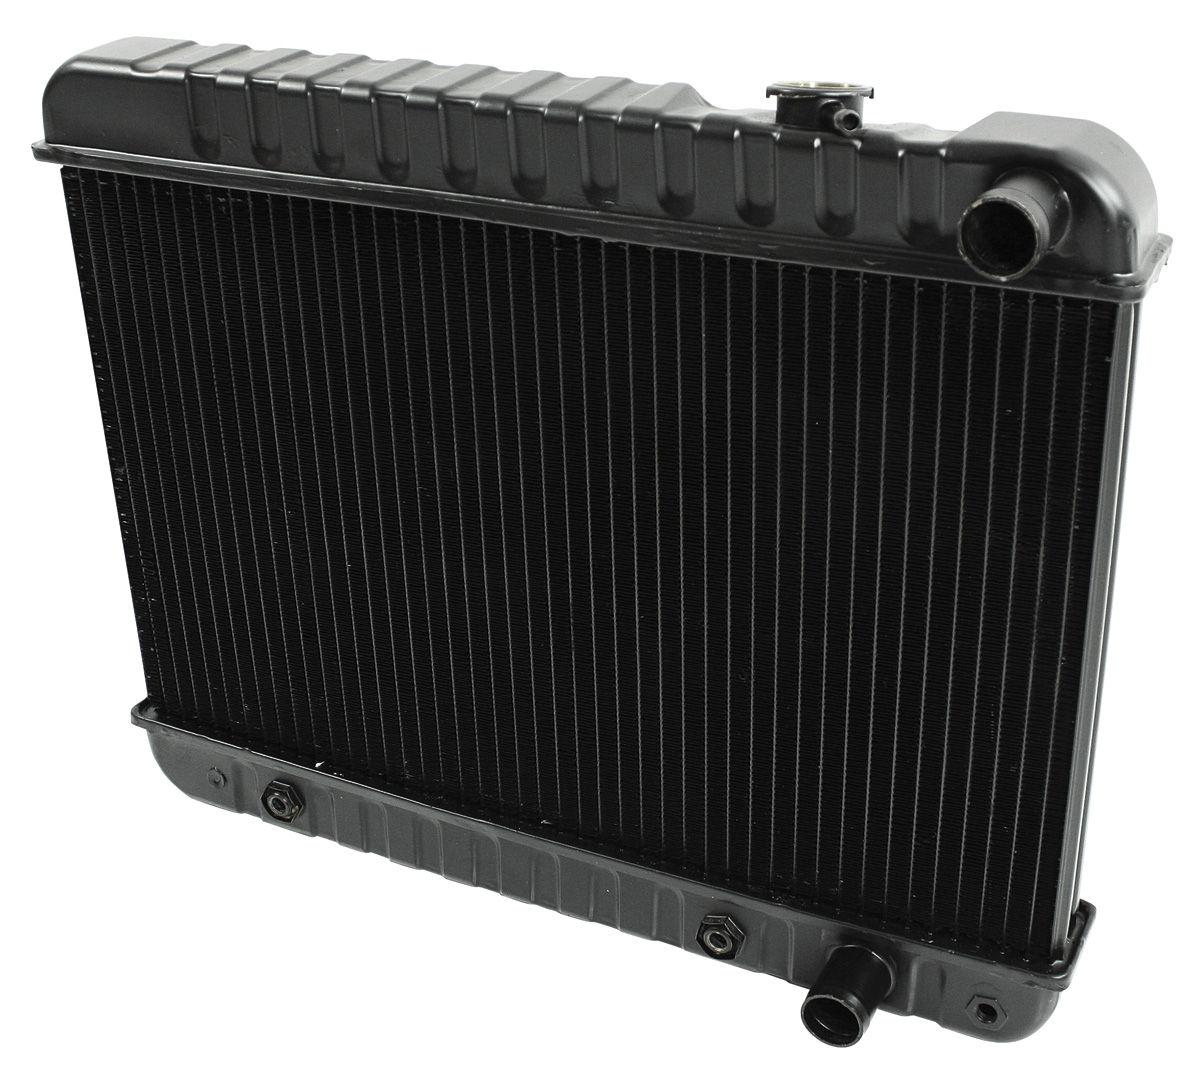 """Radiator, 1961-63 Skylark, 6-Cyl., Automatic, 2-Row, 12-3/8"""" X 25-1/4"""" X 1-1/4"""""""